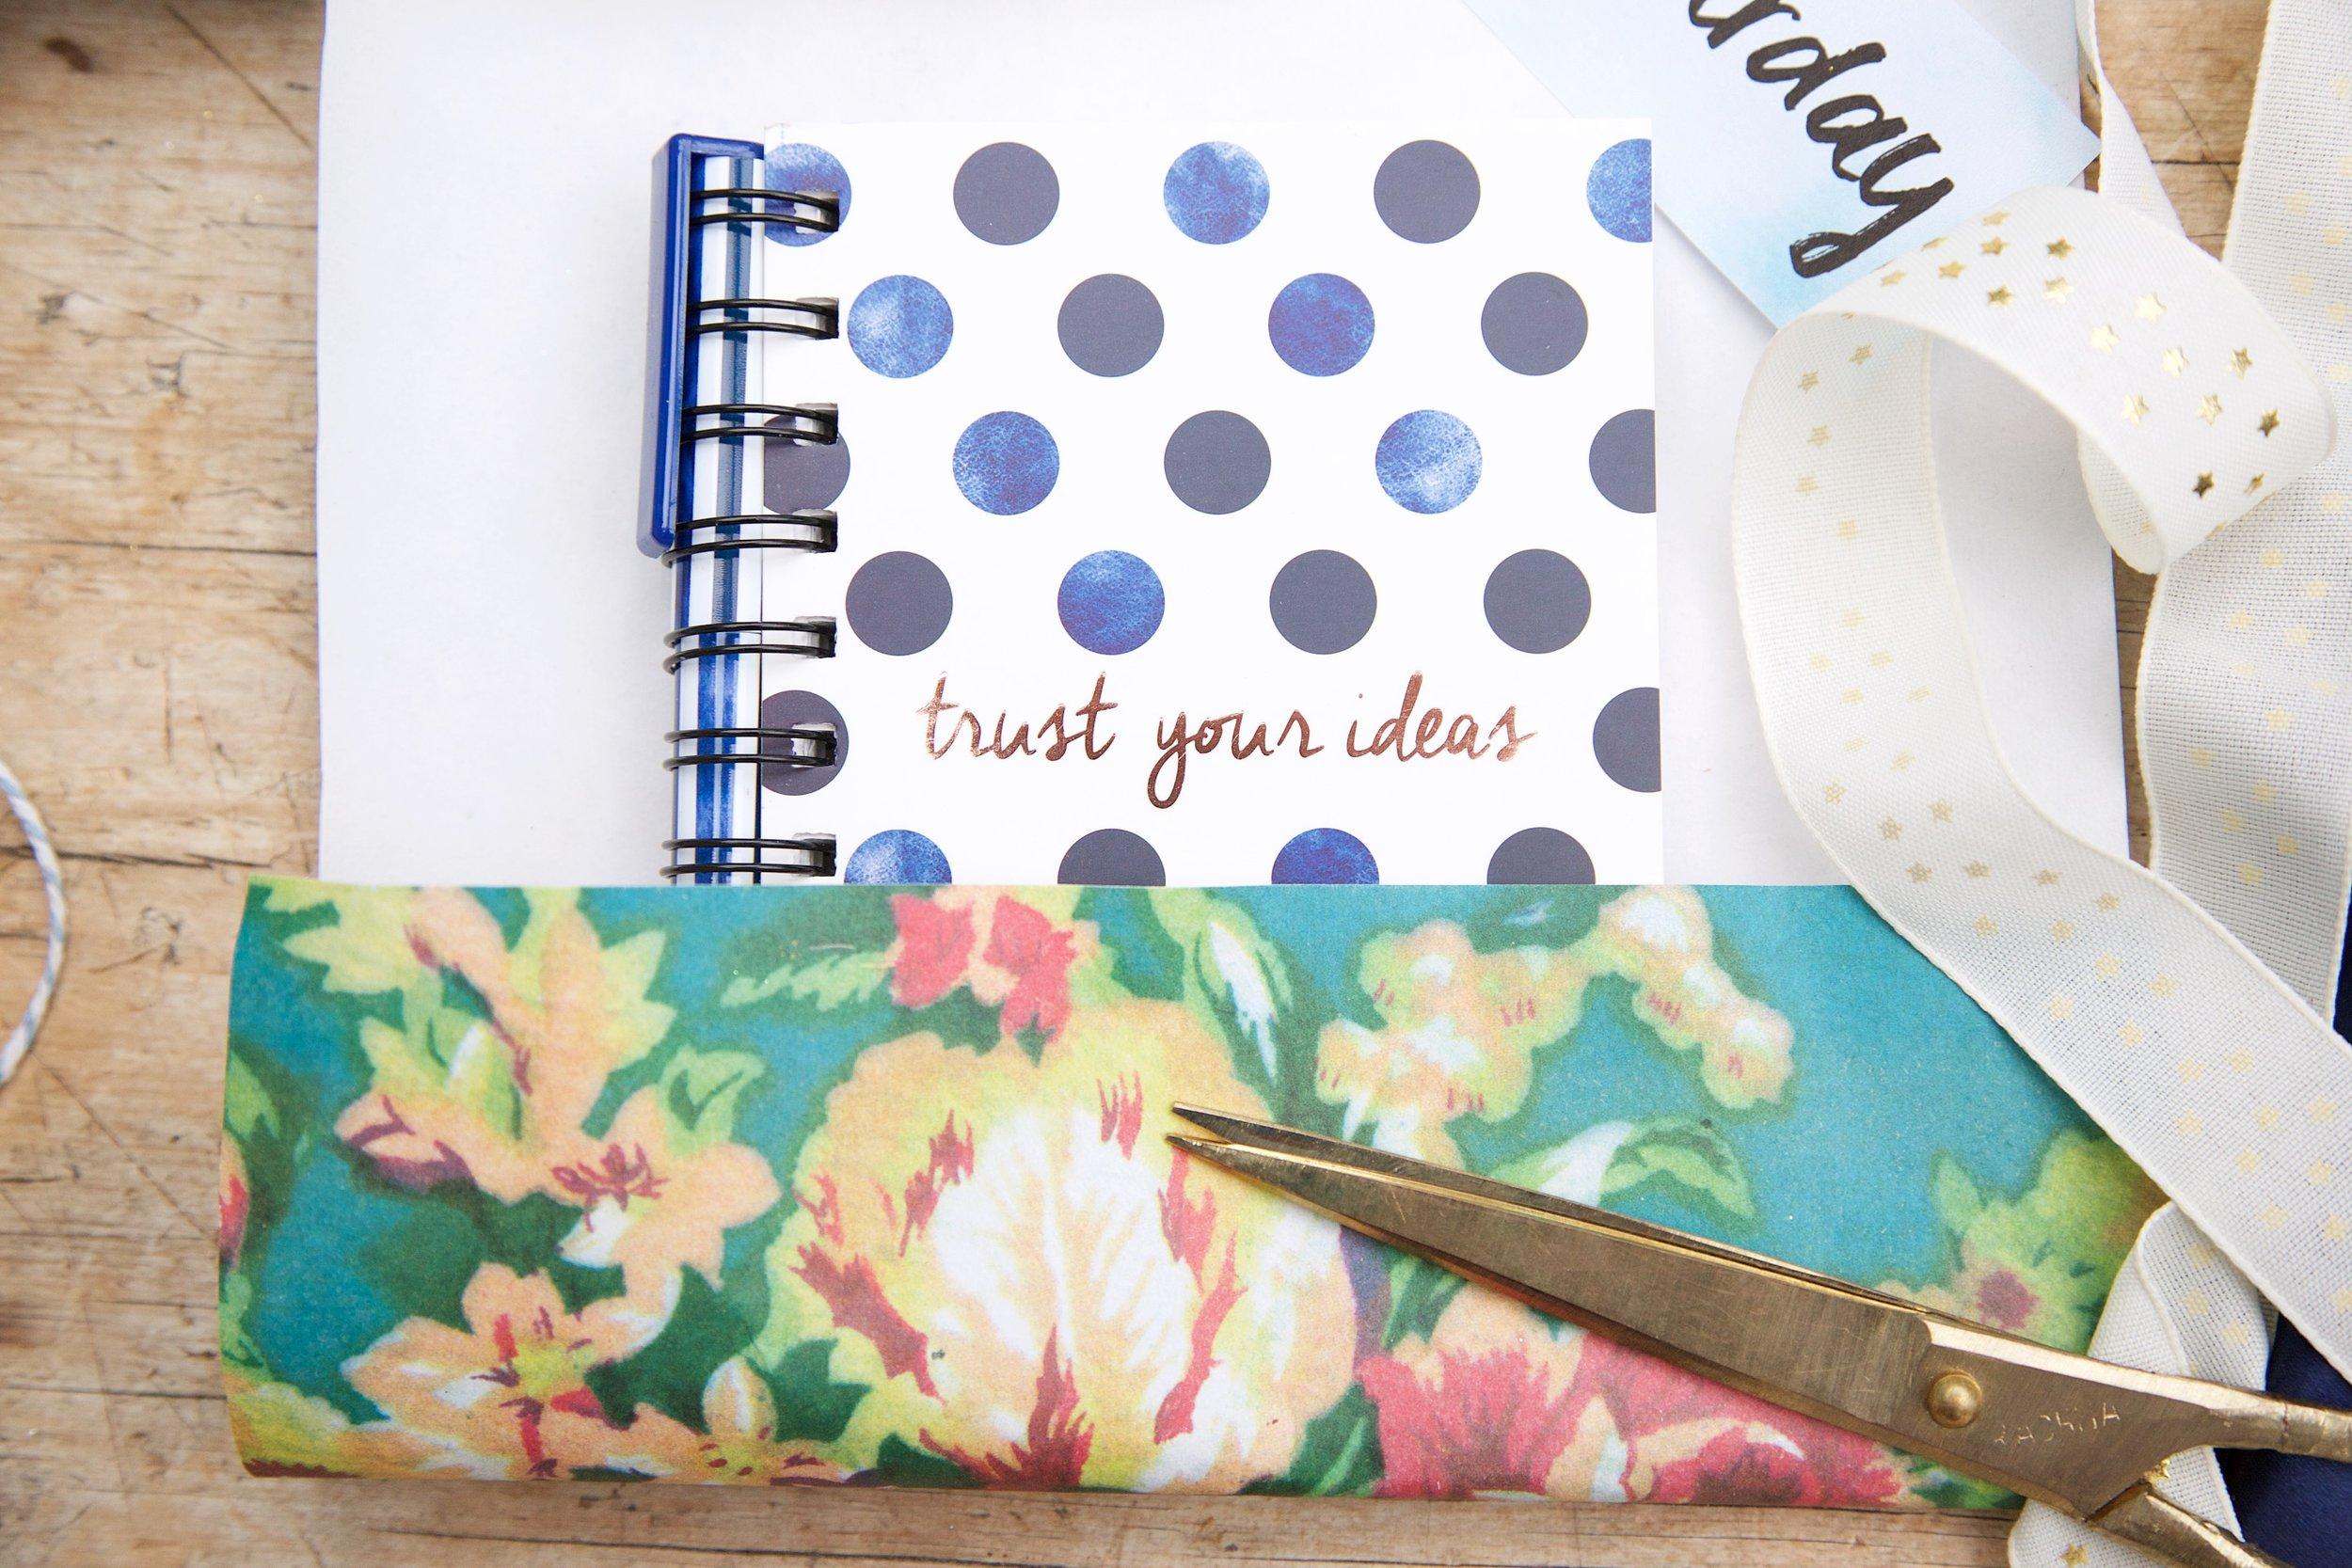 ideas notebook.jpg